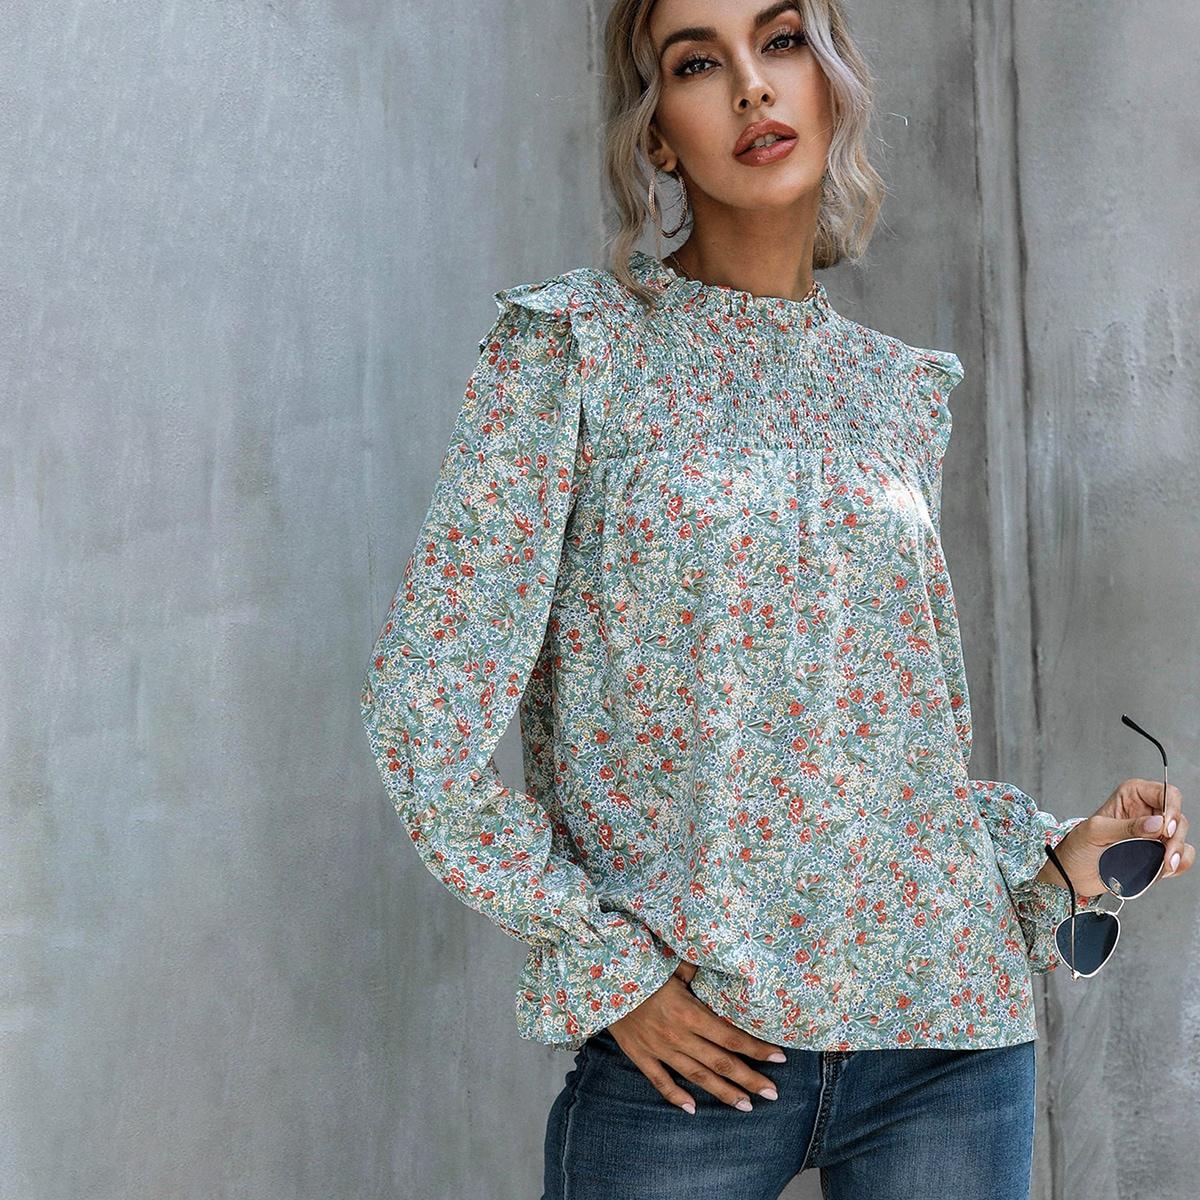 Оригинальная блузка с цветочным принтом